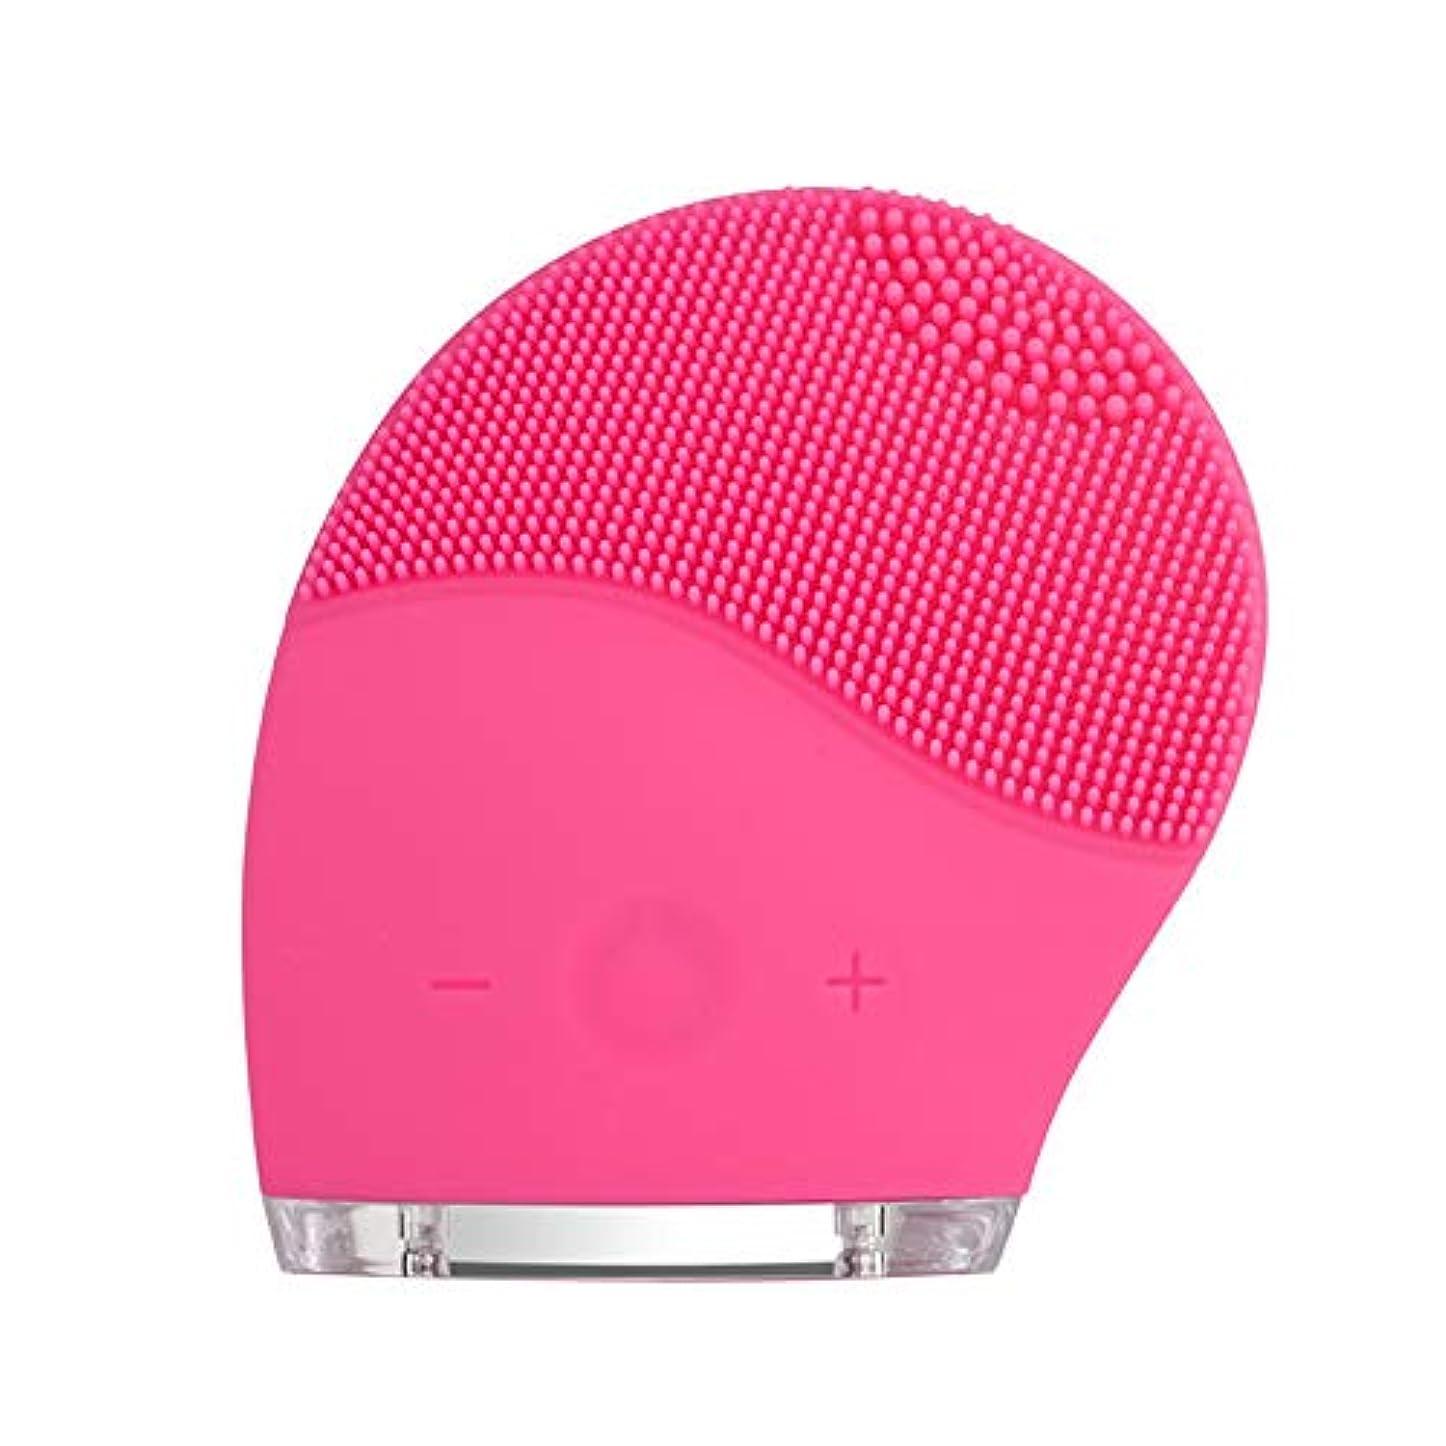 歯車異常メモkaixi 2019最新のシリコーンクレンジング楽器洗浄ブラシ電気美容器具毛穴きれいな柔らかい髪振動充電式洗浄アーティファクト